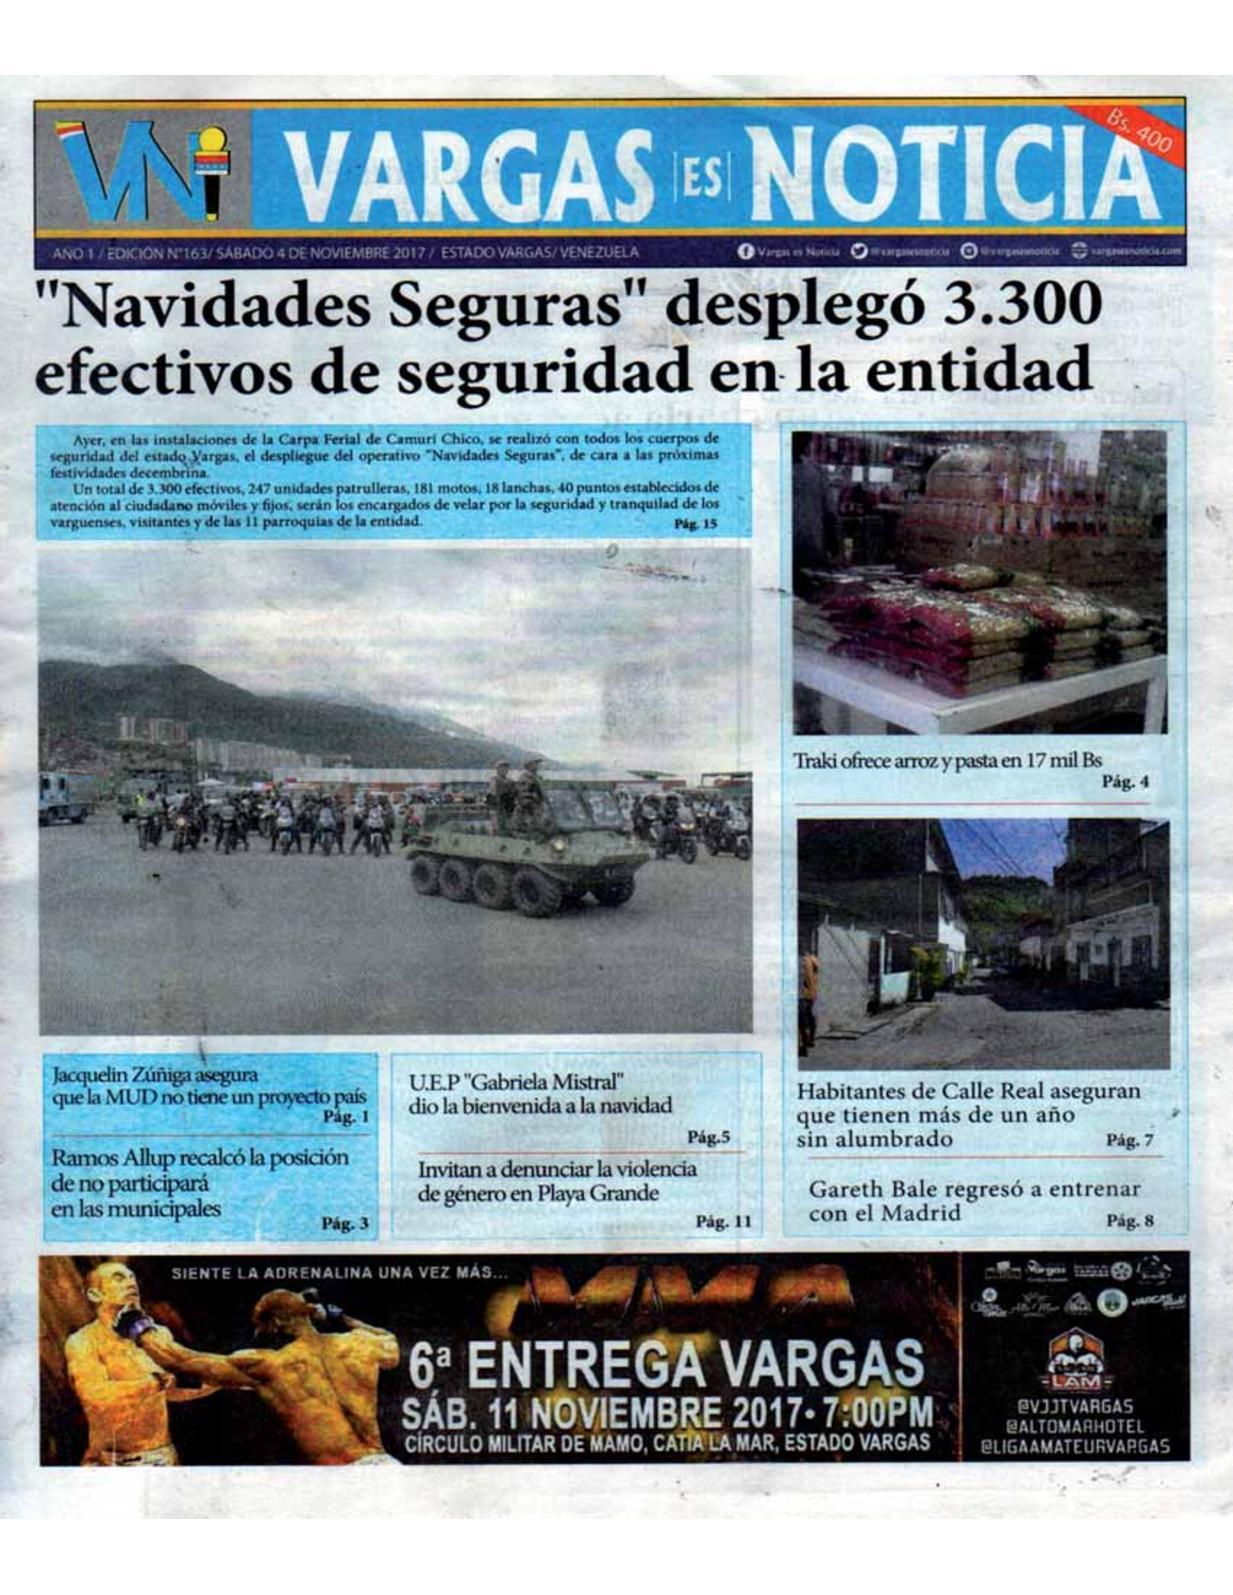 Vargas es Noticia, sábado 4 de octubre de 2017 N° 163